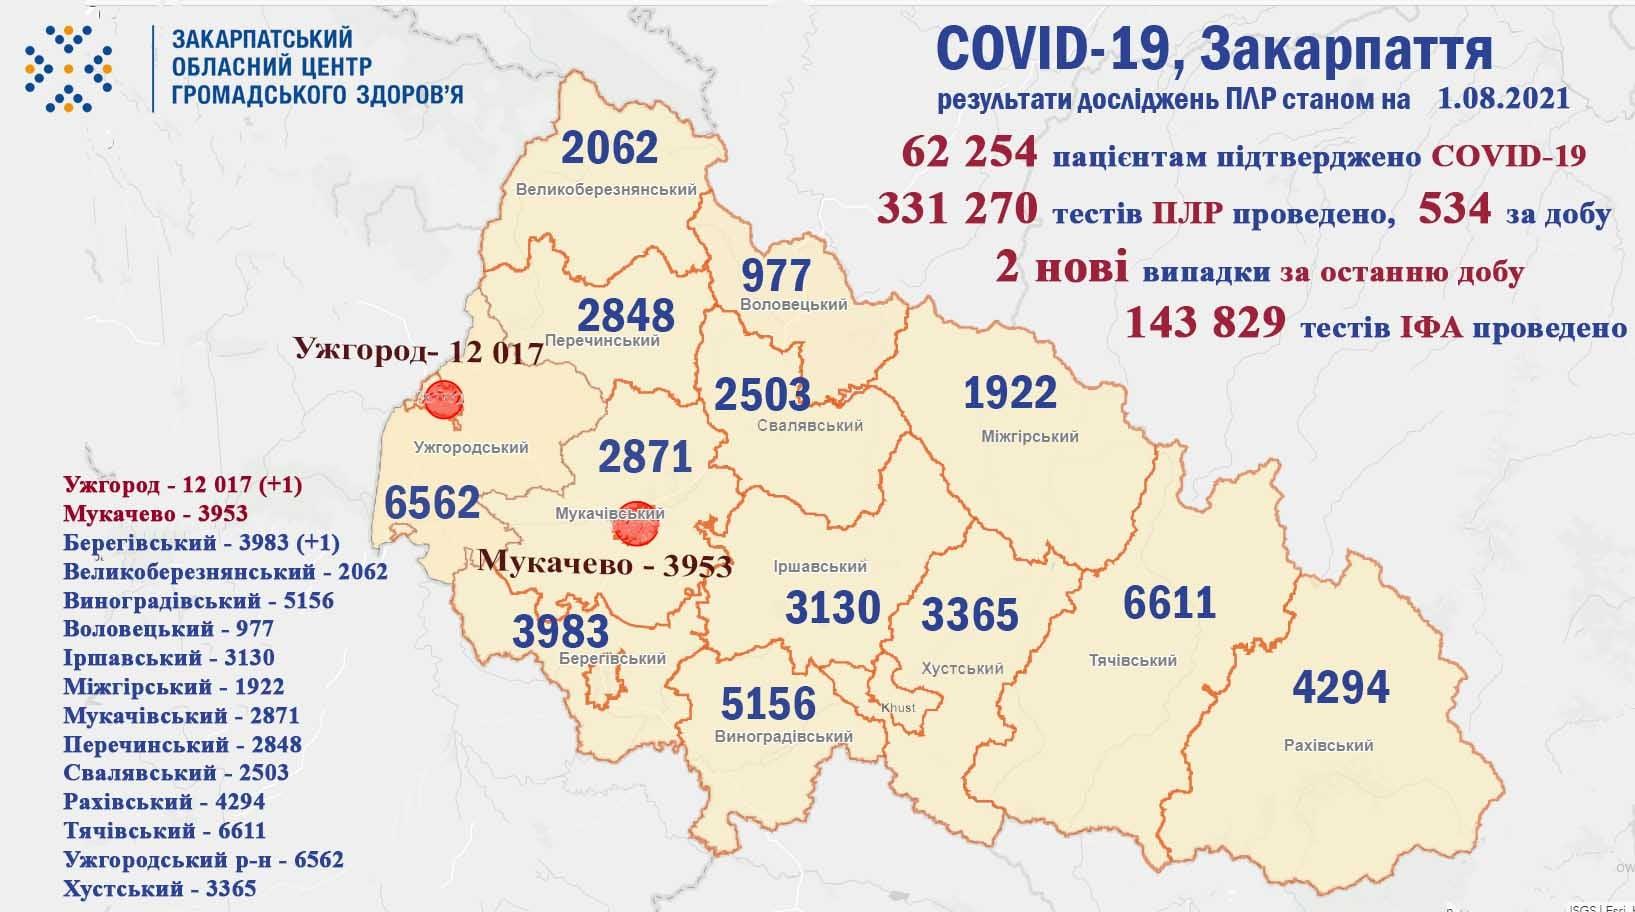 На Закарпатті за добу виявлено 2 нові випадки COVID-19